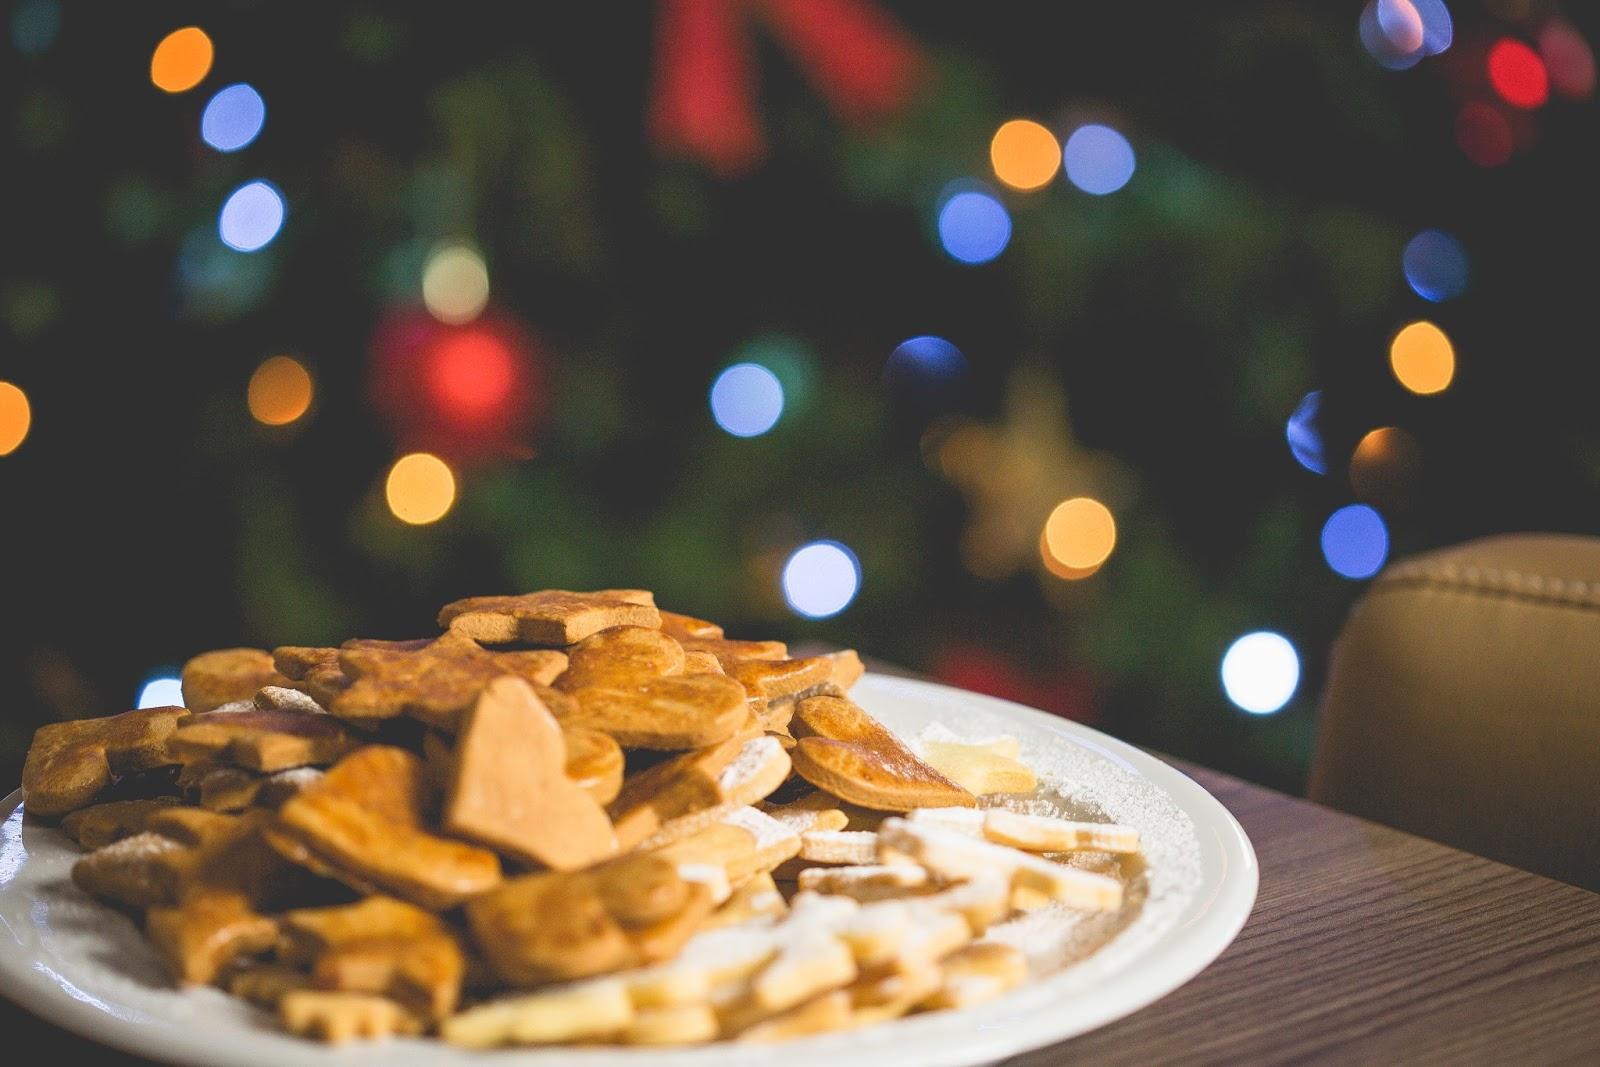 Christmas Cookies with Christmas Tree